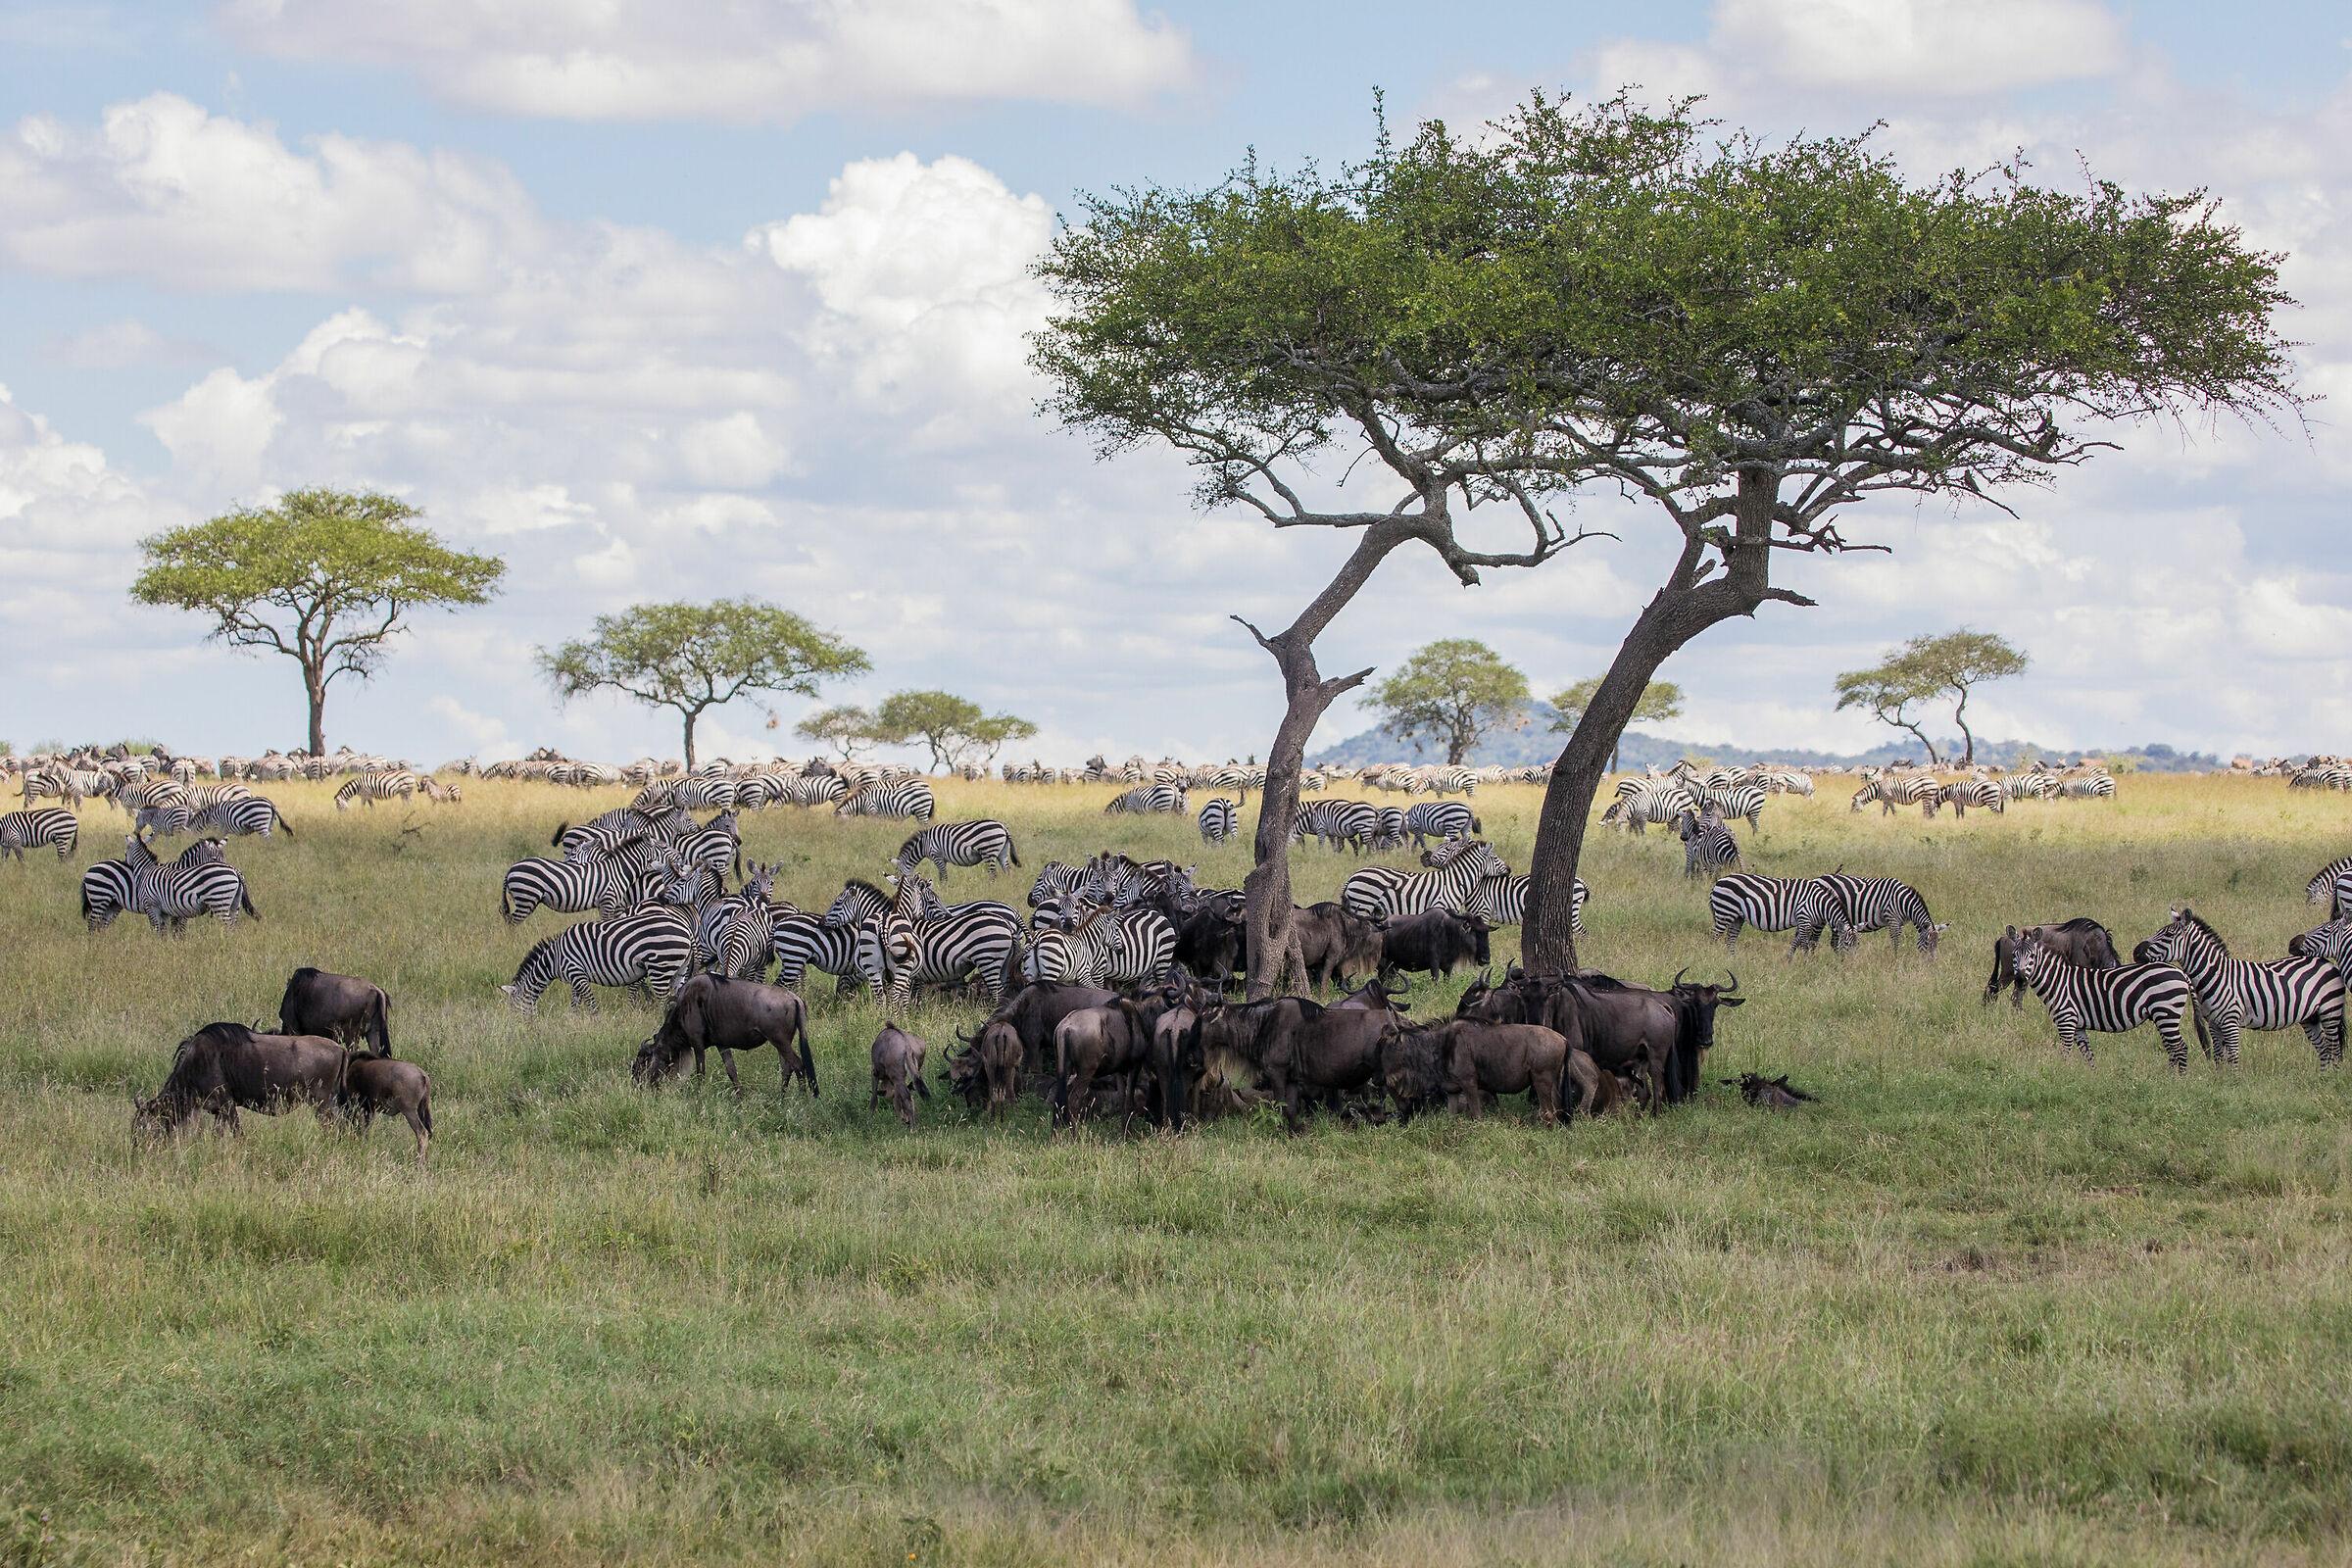 My Africa ...